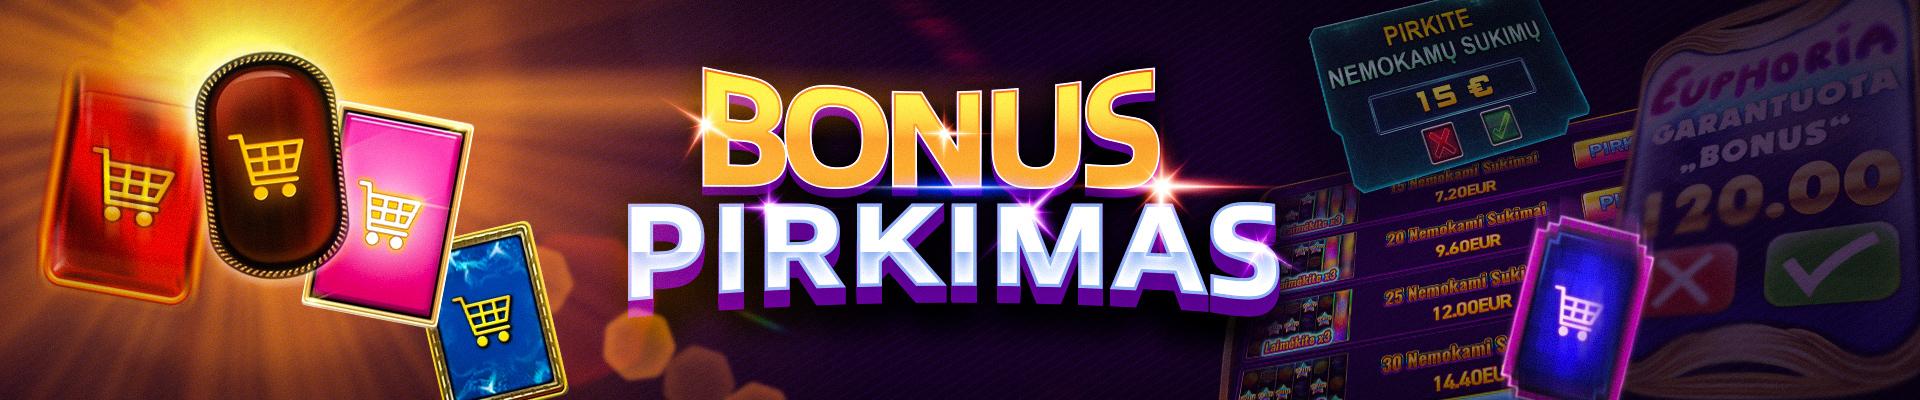 Bonus pirkimas kazino žaidimuose